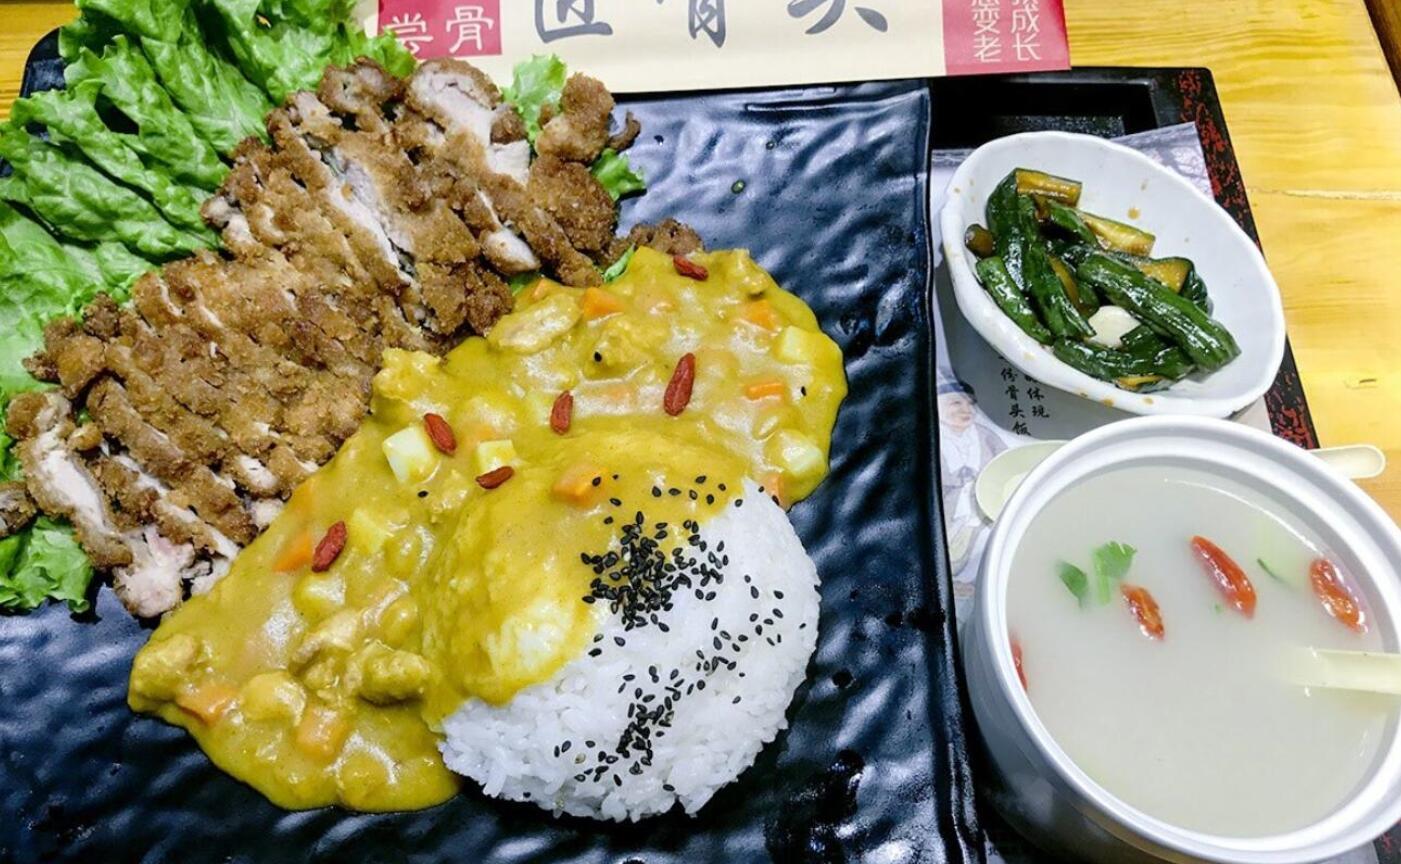 餐饮加盟机构_天津微速通餐饮提供的餐饮加盟咨询服务口碑怎么样